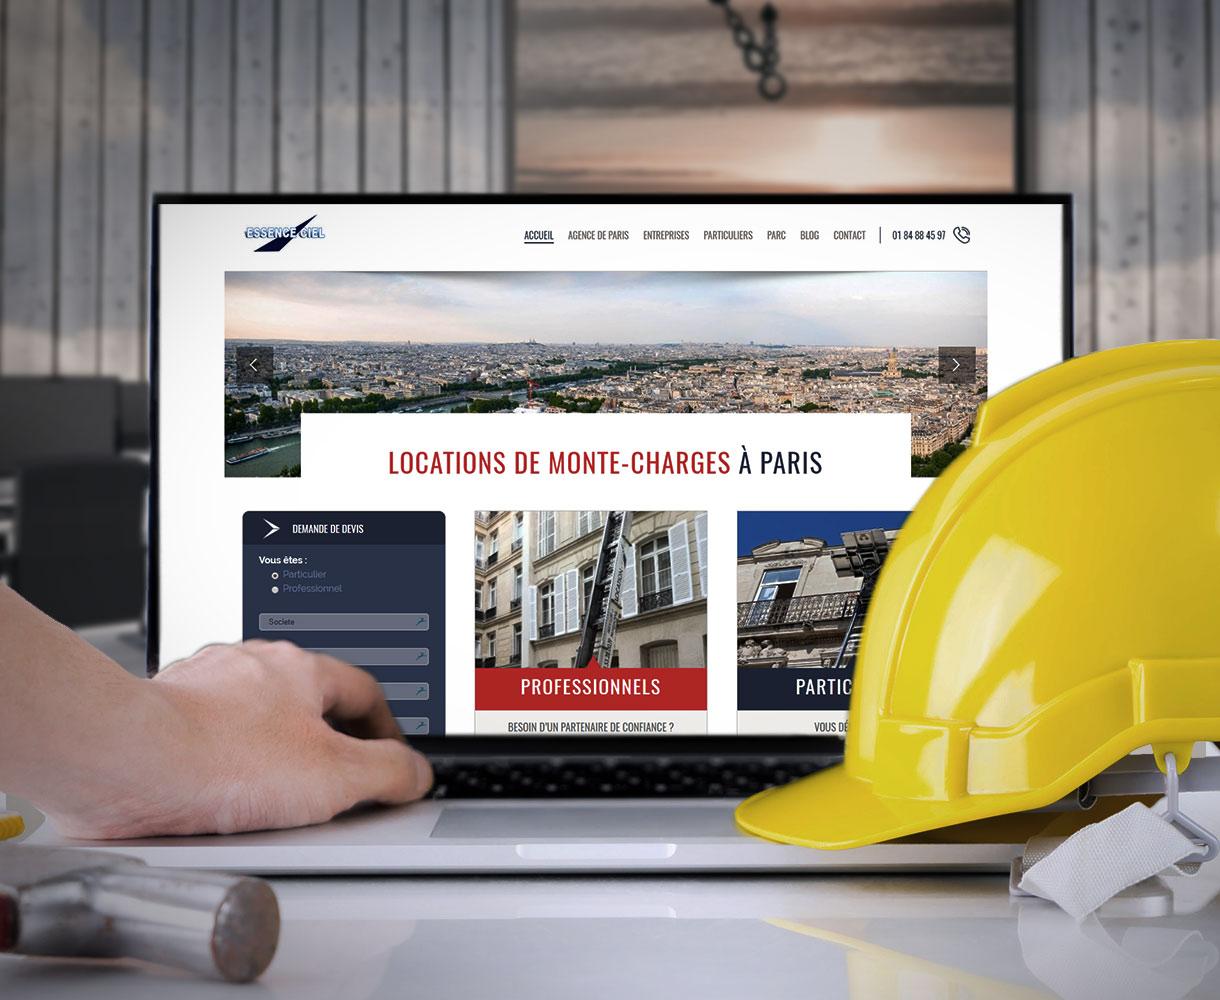 Stratégie Digitale - Entreprise de location